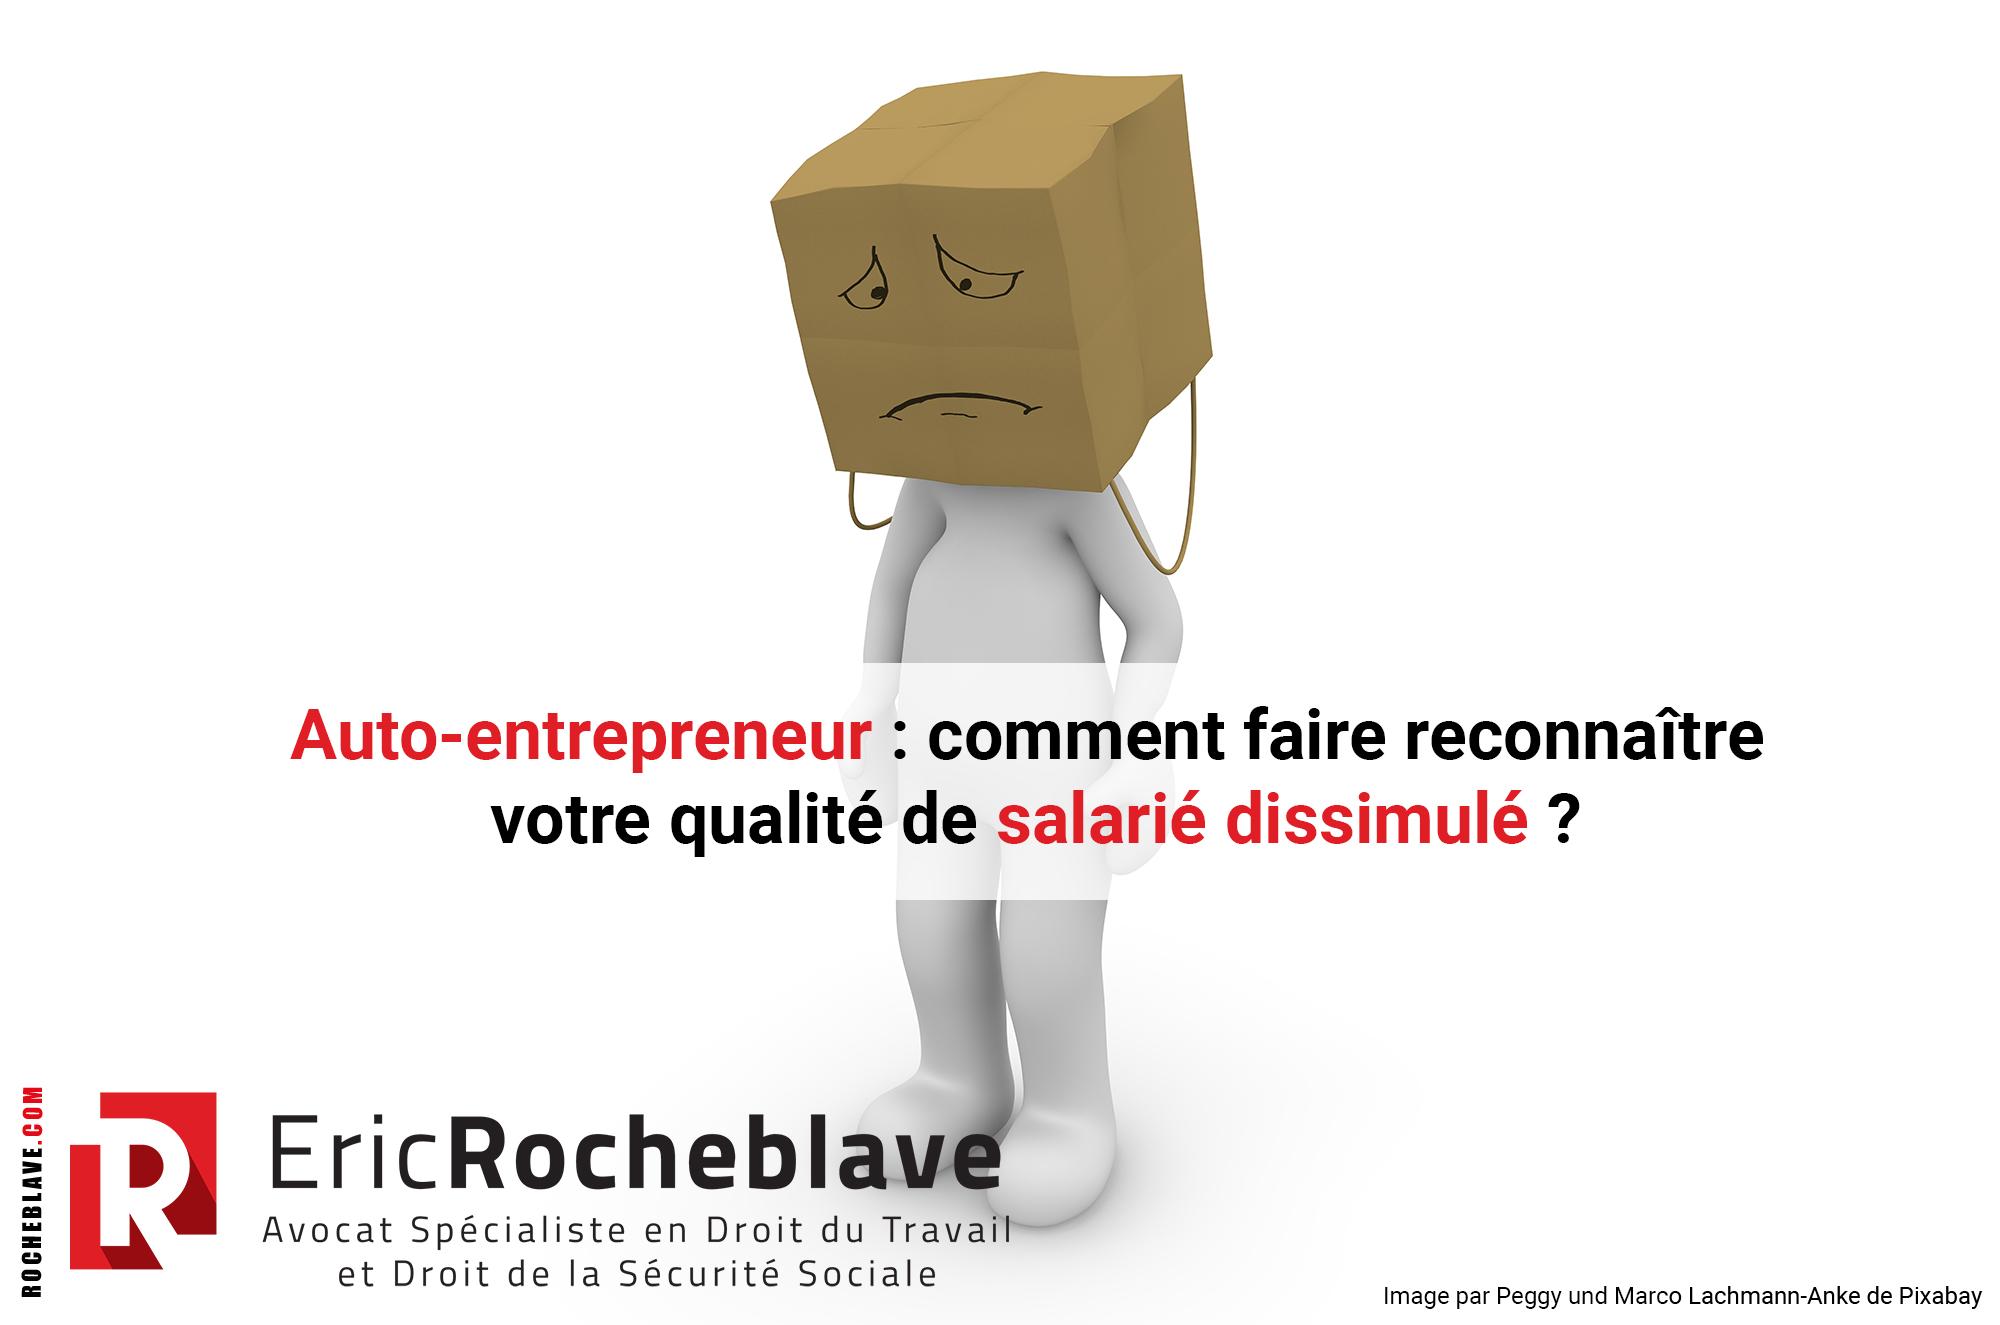 Auto-entrepreneur : comment faire reconnaître votre qualité de salarié dissimulé ?